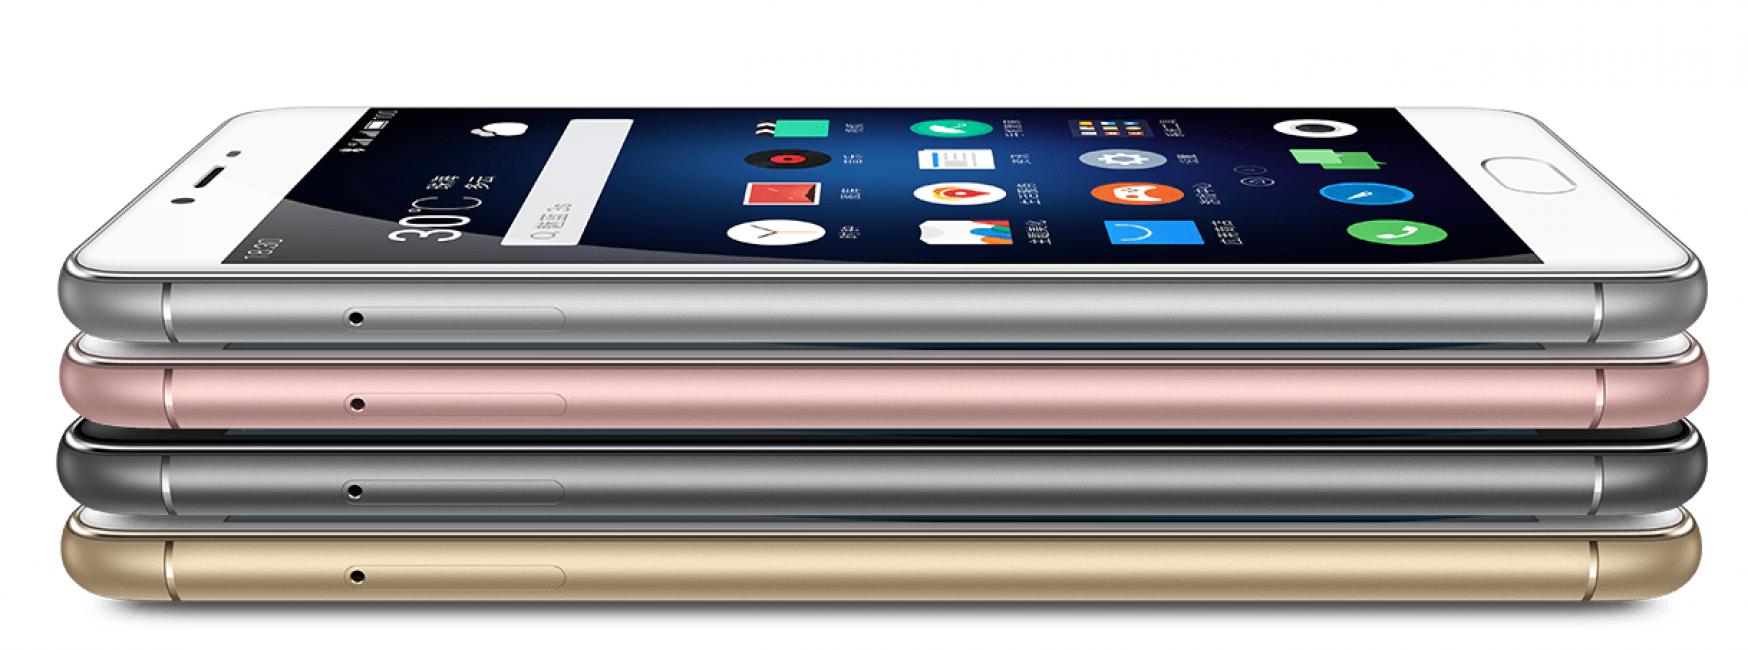 Рейтинг лучших смартфонов Meizu 2021 года